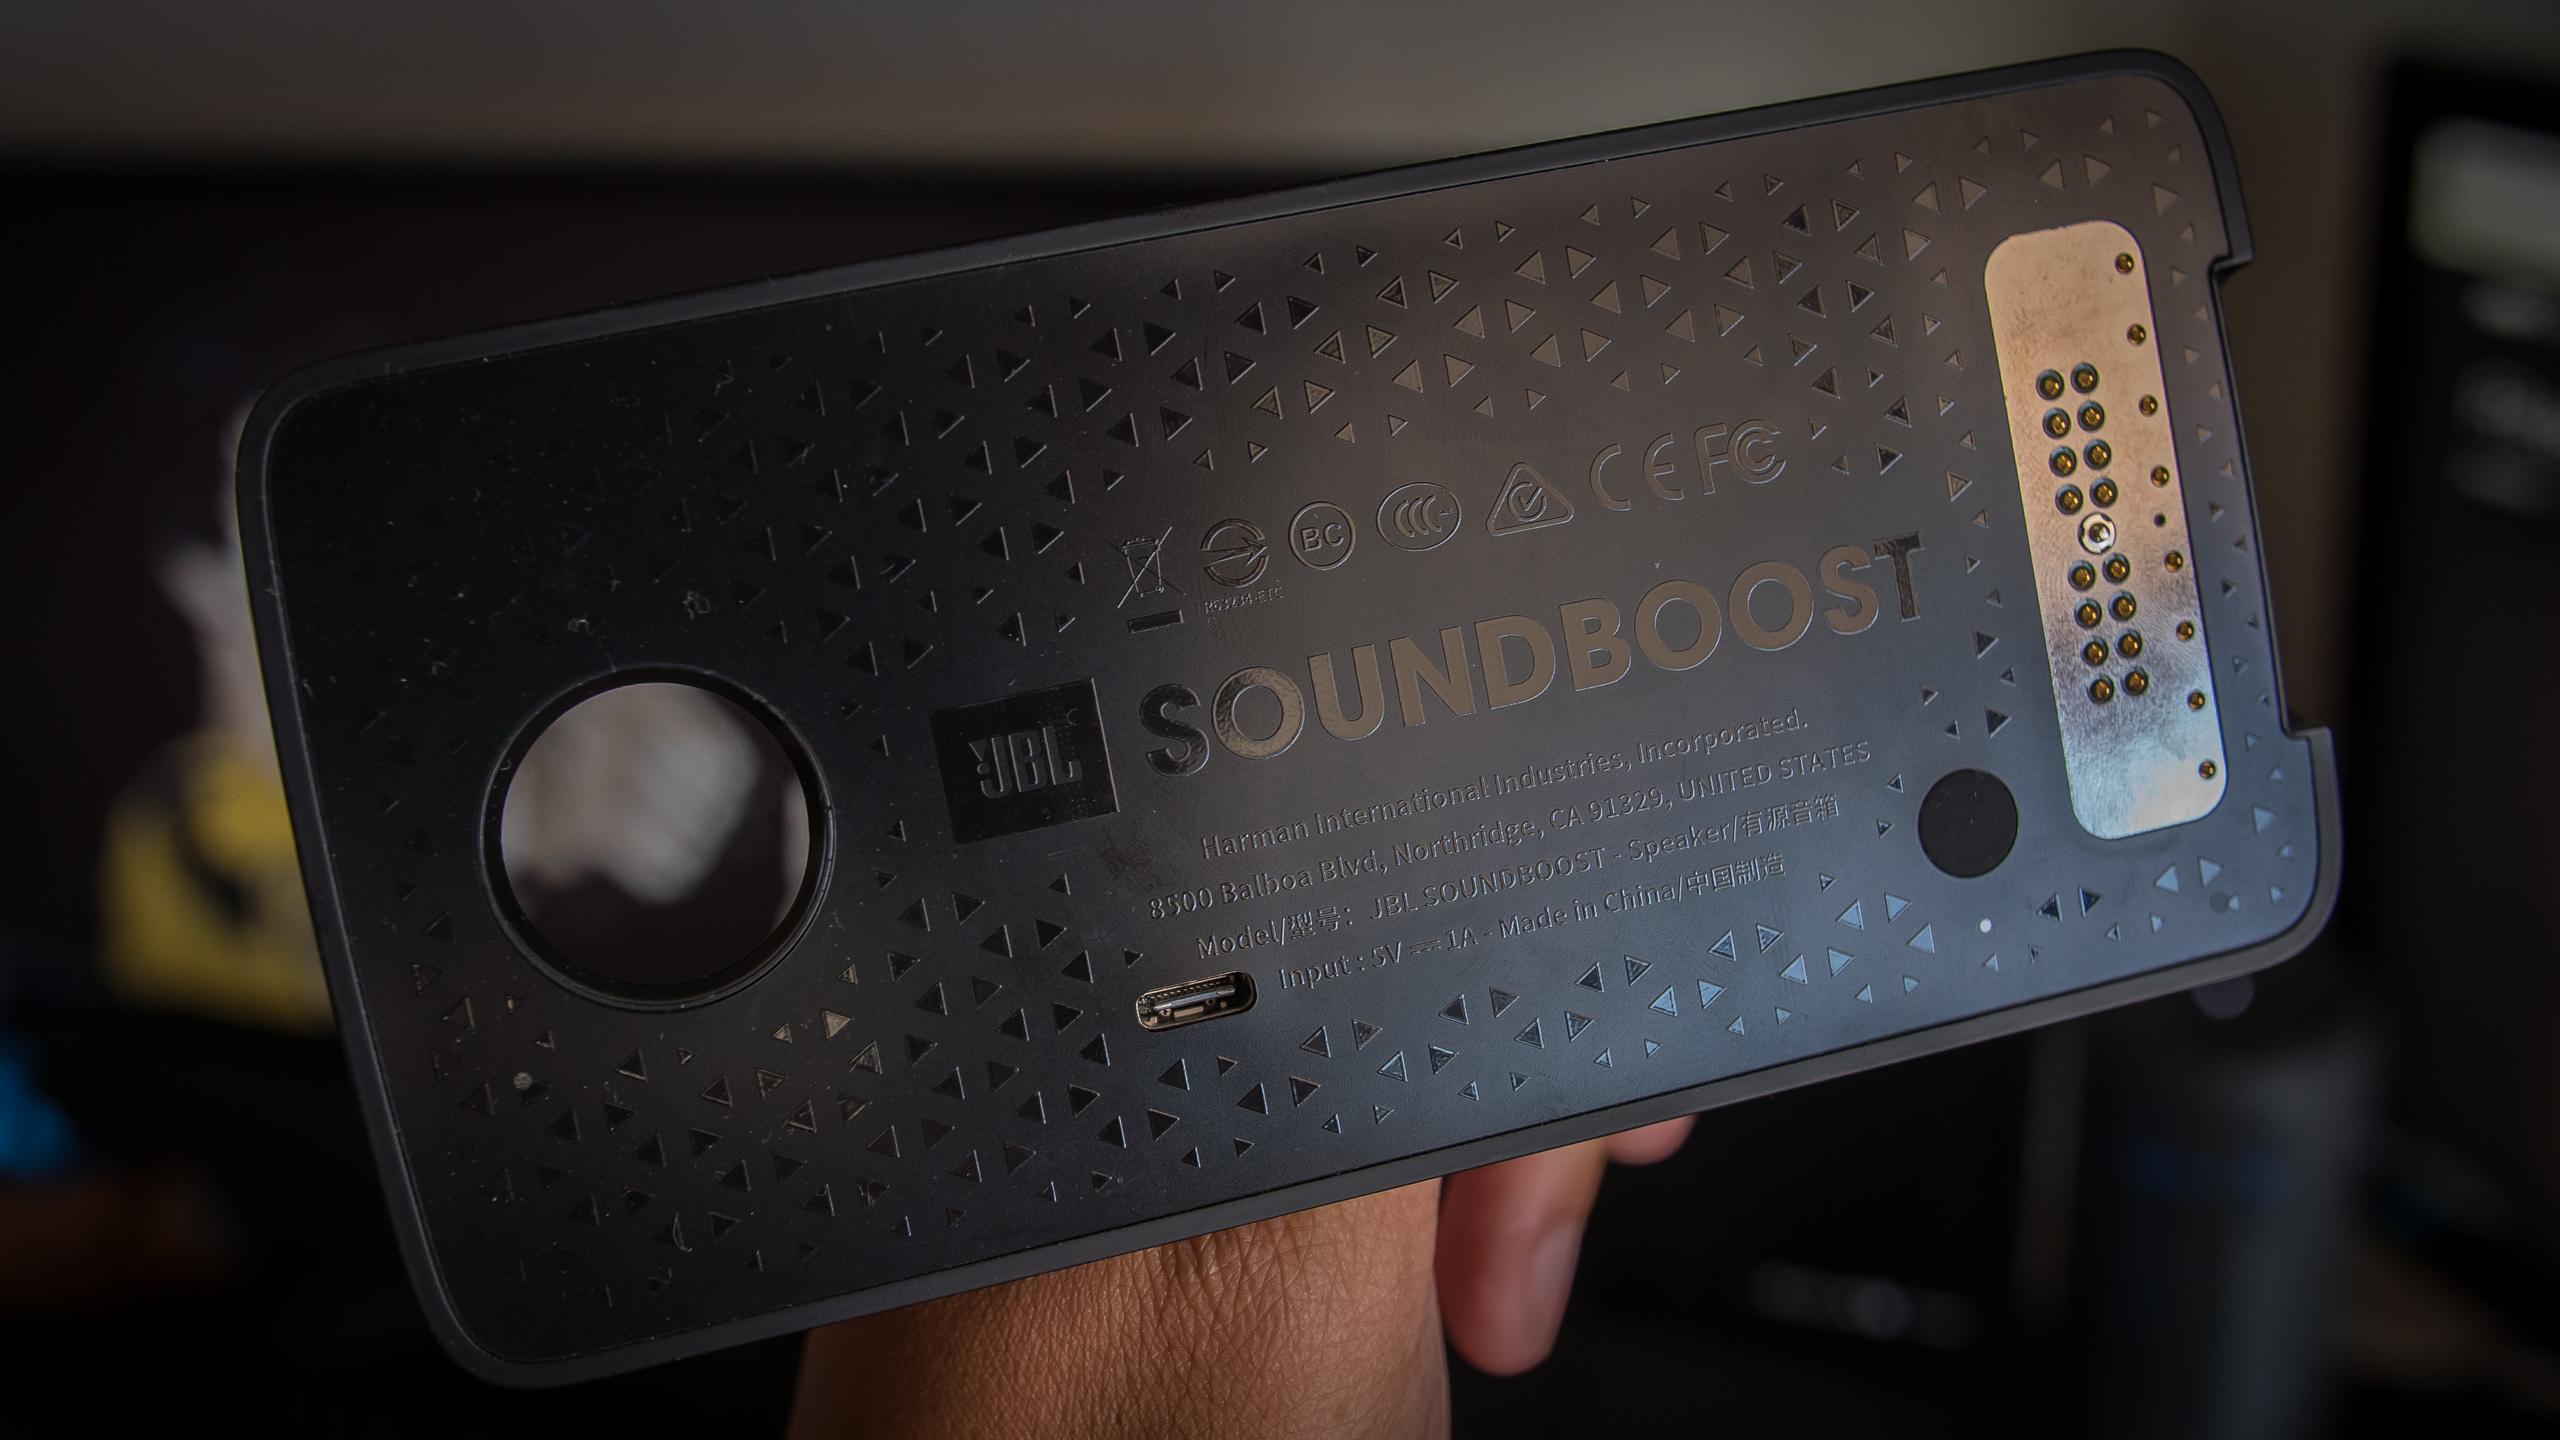 moto mods review soundboost speaker aa (3 of 5)